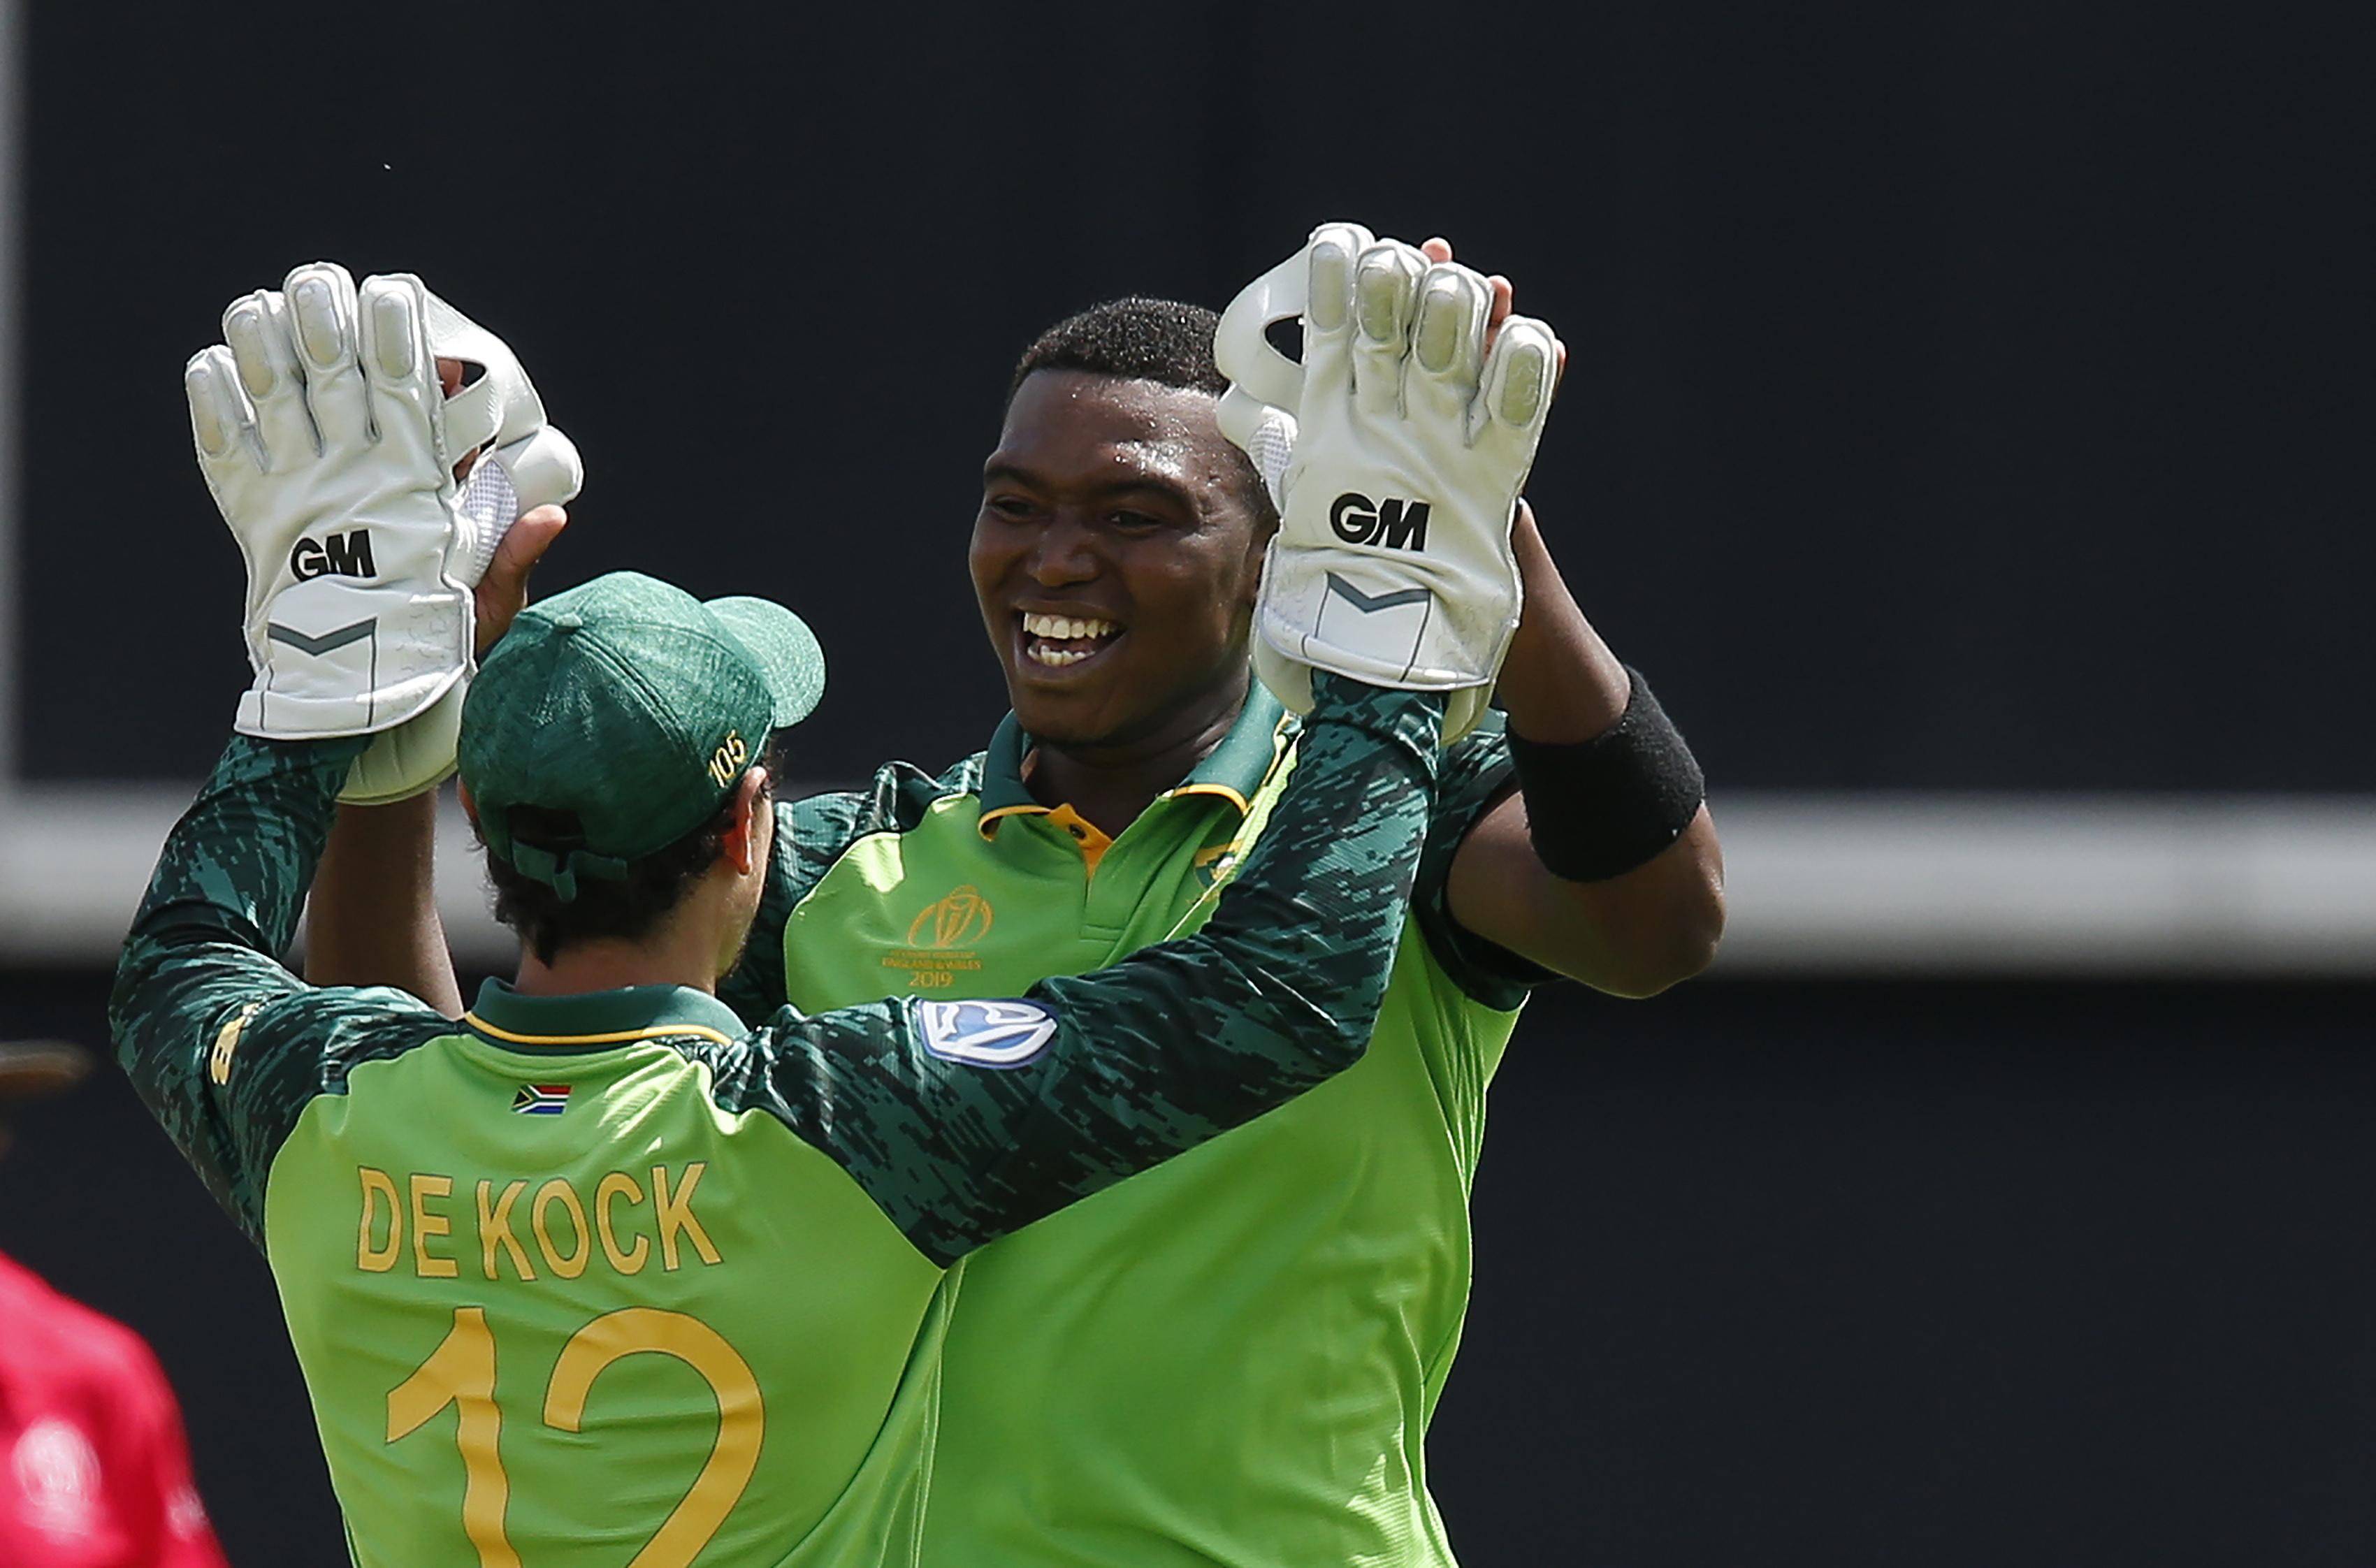 Lungi Ngidi passed fit for New Zealand clash